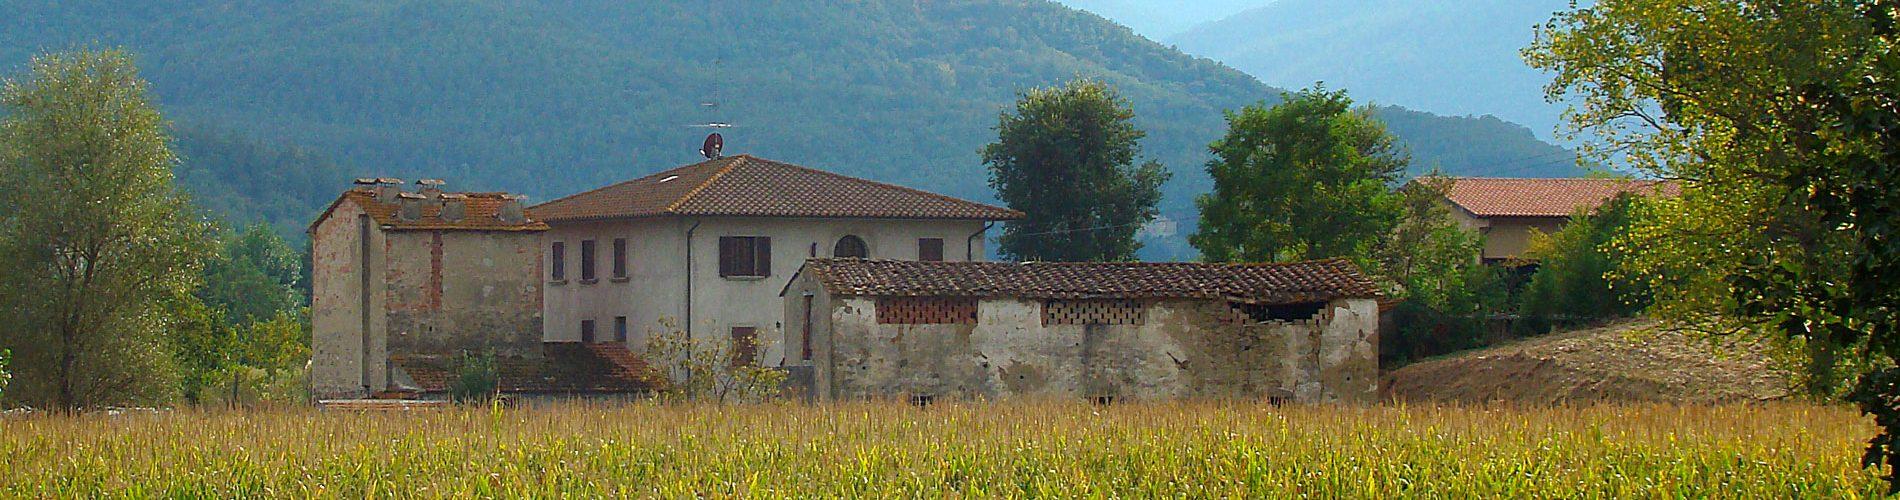 Umbria-header